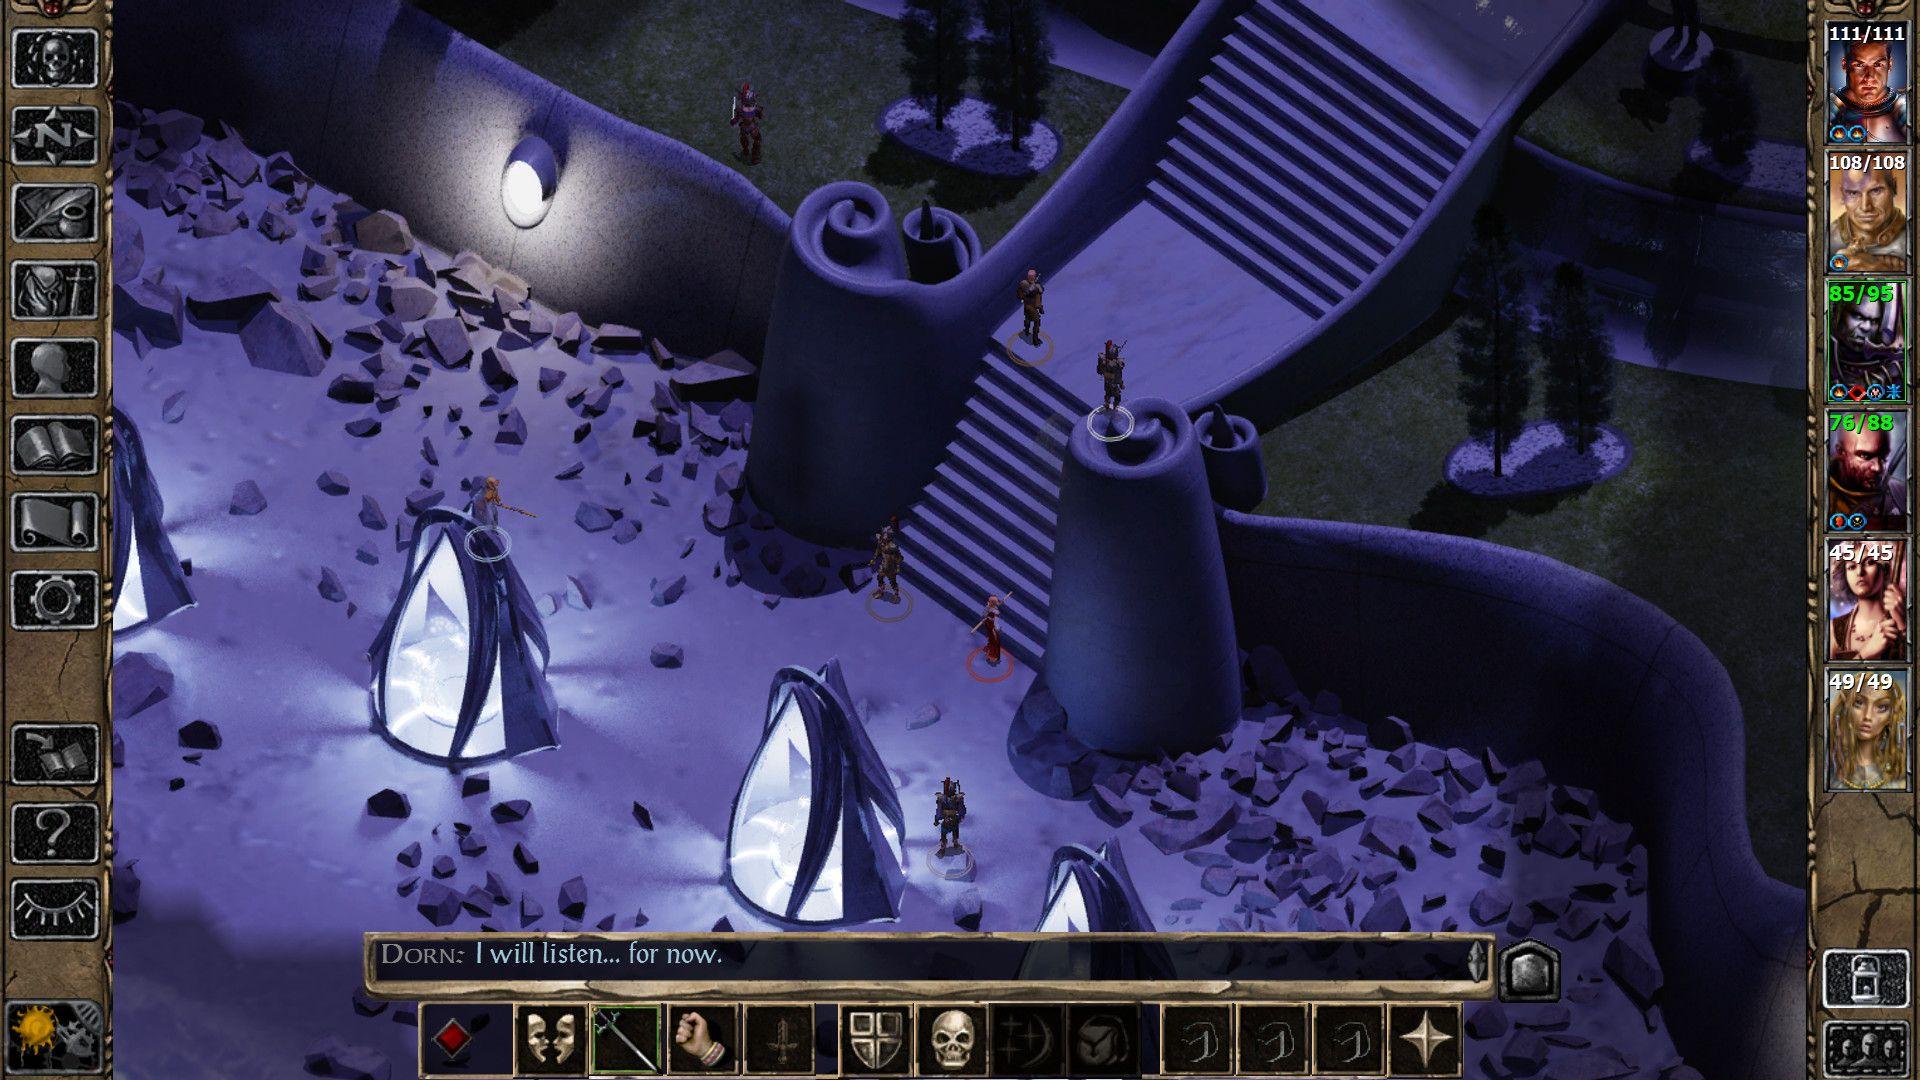 Baldurs Gate - Enhanced Edition (PC) - 9